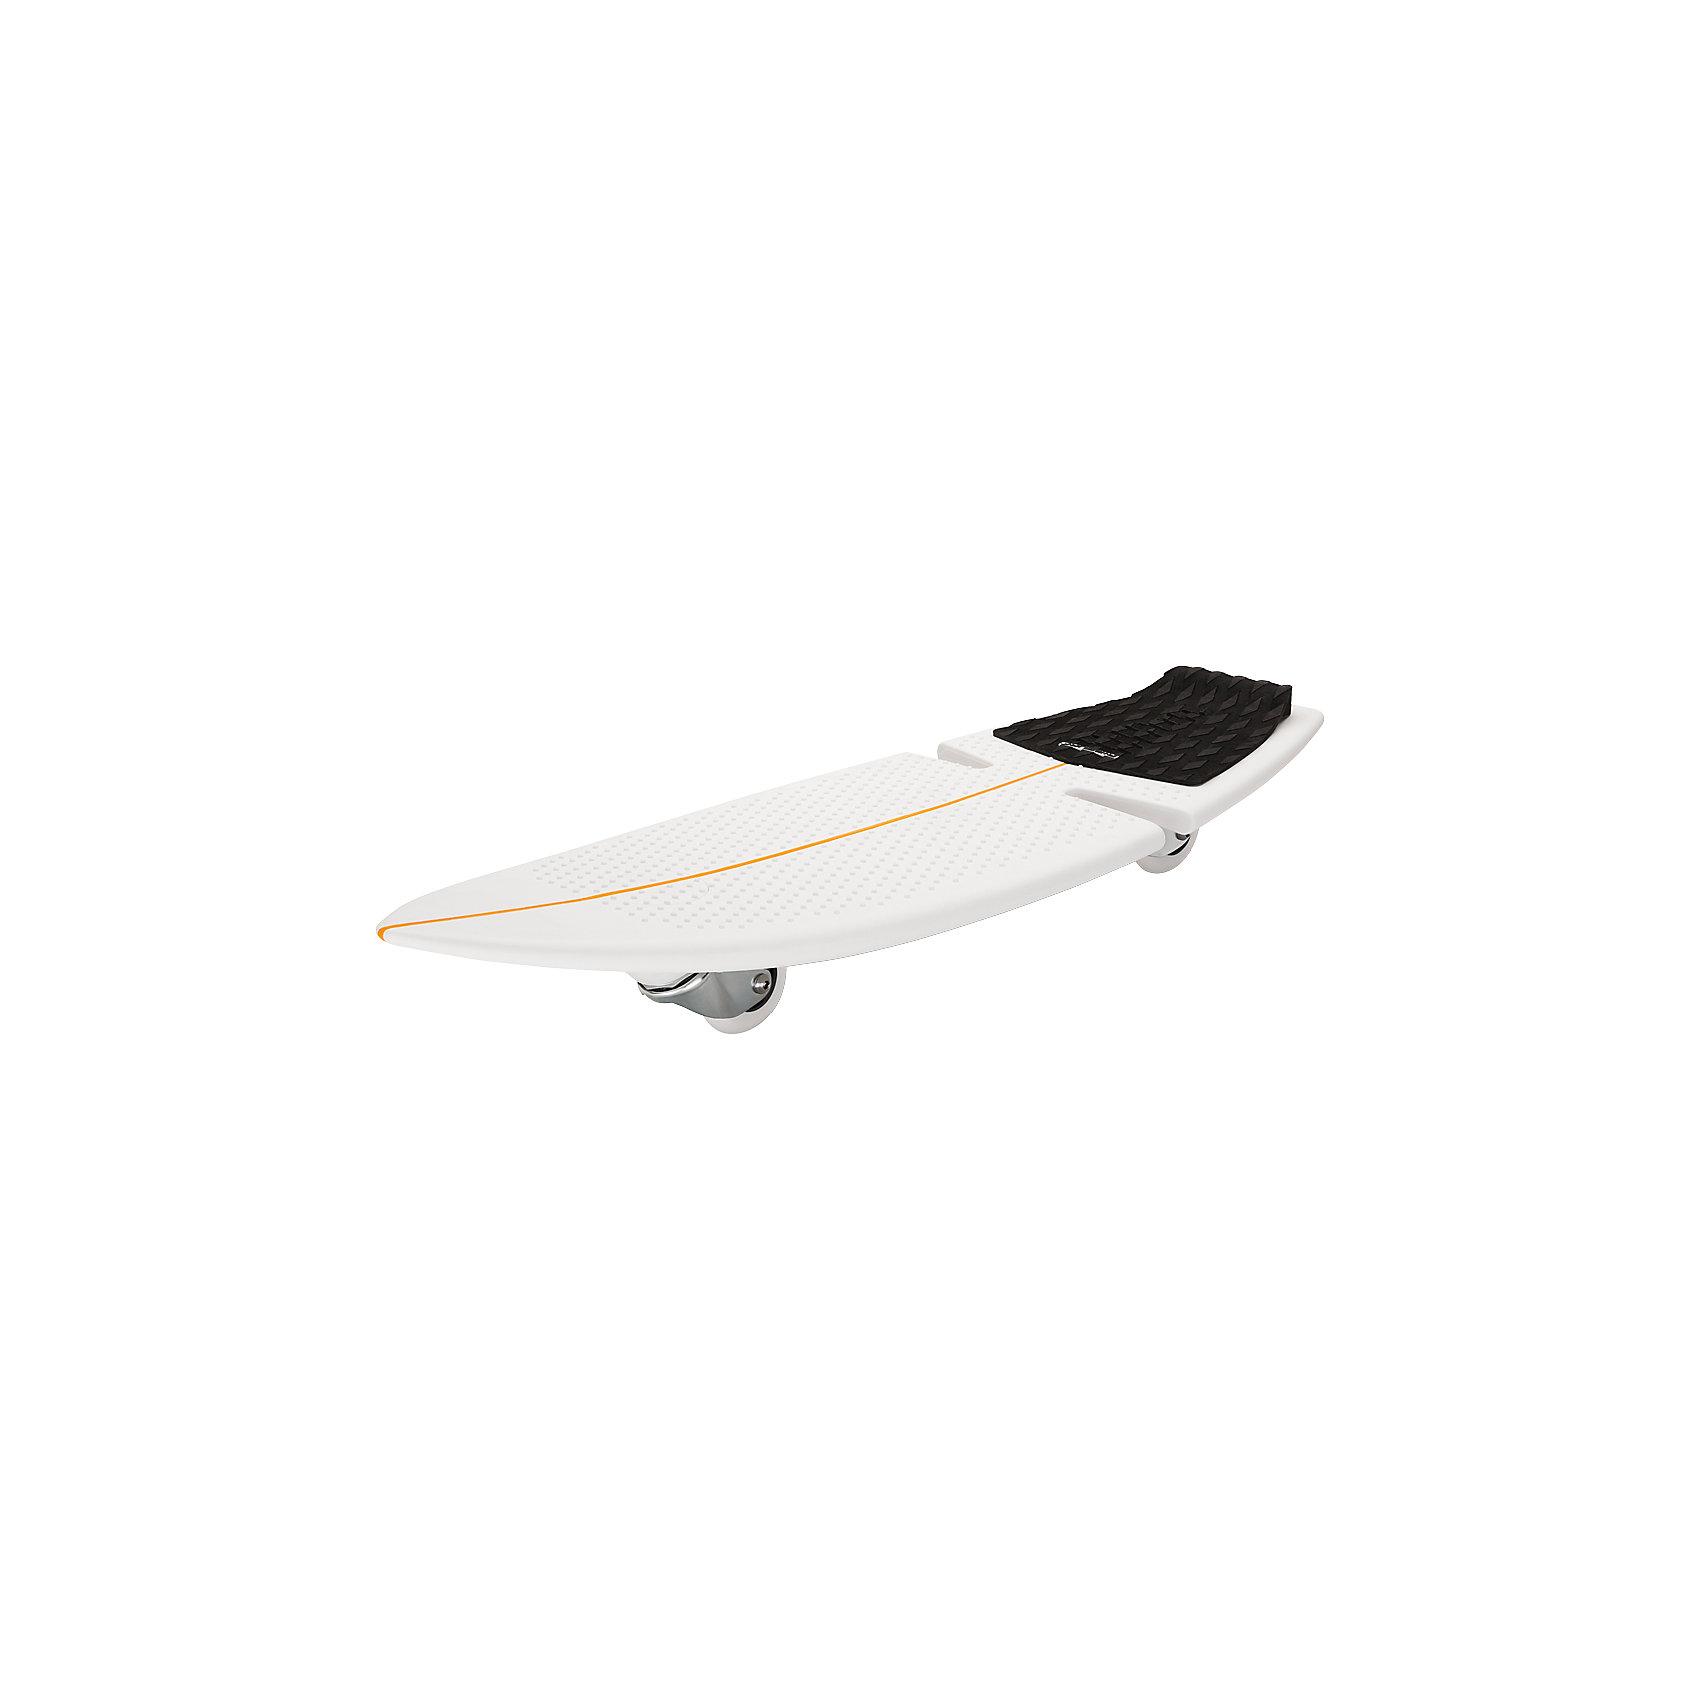 Роллерсёрф RipSurf, чёрный, RazorСкейтборды и лонгборды<br>Роллерсёрф RipSurf, чёрный, Razor (Рэзор)<br><br>Характеристики:<br><br>• запатентованные технологии RipStik<br>• колеса вращаются на 360 градусов<br>• подходит для сложных трюков<br>• длина деки 82 см<br>• ширина деки 28 см<br>• для роста: 100-200 см<br>• максимальная нагрузка: 100 кг<br>• запасное колесо в комплекте<br>• размер упаковки: 28х16х87<br>• вес: 4,1 кг<br>• цвет: черный<br><br>С роллерсерфером RipSurf ваш ребенок всегда сможет провести время с пользой. RipSurf подходит для детей ростом от 100 сантиметров, весом до 100 кг. Колеса роллерсёрфа вращаются на 360 градусов. <br><br>Платформа имеет прорезиненную основу и хорошо гнется. Ripsurf отлично подойдет и для новичков, и для опытных сёрферов. Самые невероятные трюки можно выполнить, если научиться правильно управлять роллерсёрфом. В комплект входят красивые наклейки и запасное колесо.<br><br>Роллерсёрф RipSurf, чёрный, Razor (Рэзор) можно купить в нашем интернет-магазине.<br><br>Ширина мм: 870<br>Глубина мм: 160<br>Высота мм: 280<br>Вес г: 4100<br>Возраст от месяцев: 84<br>Возраст до месяцев: 2147483647<br>Пол: Унисекс<br>Возраст: Детский<br>SKU: 5448963